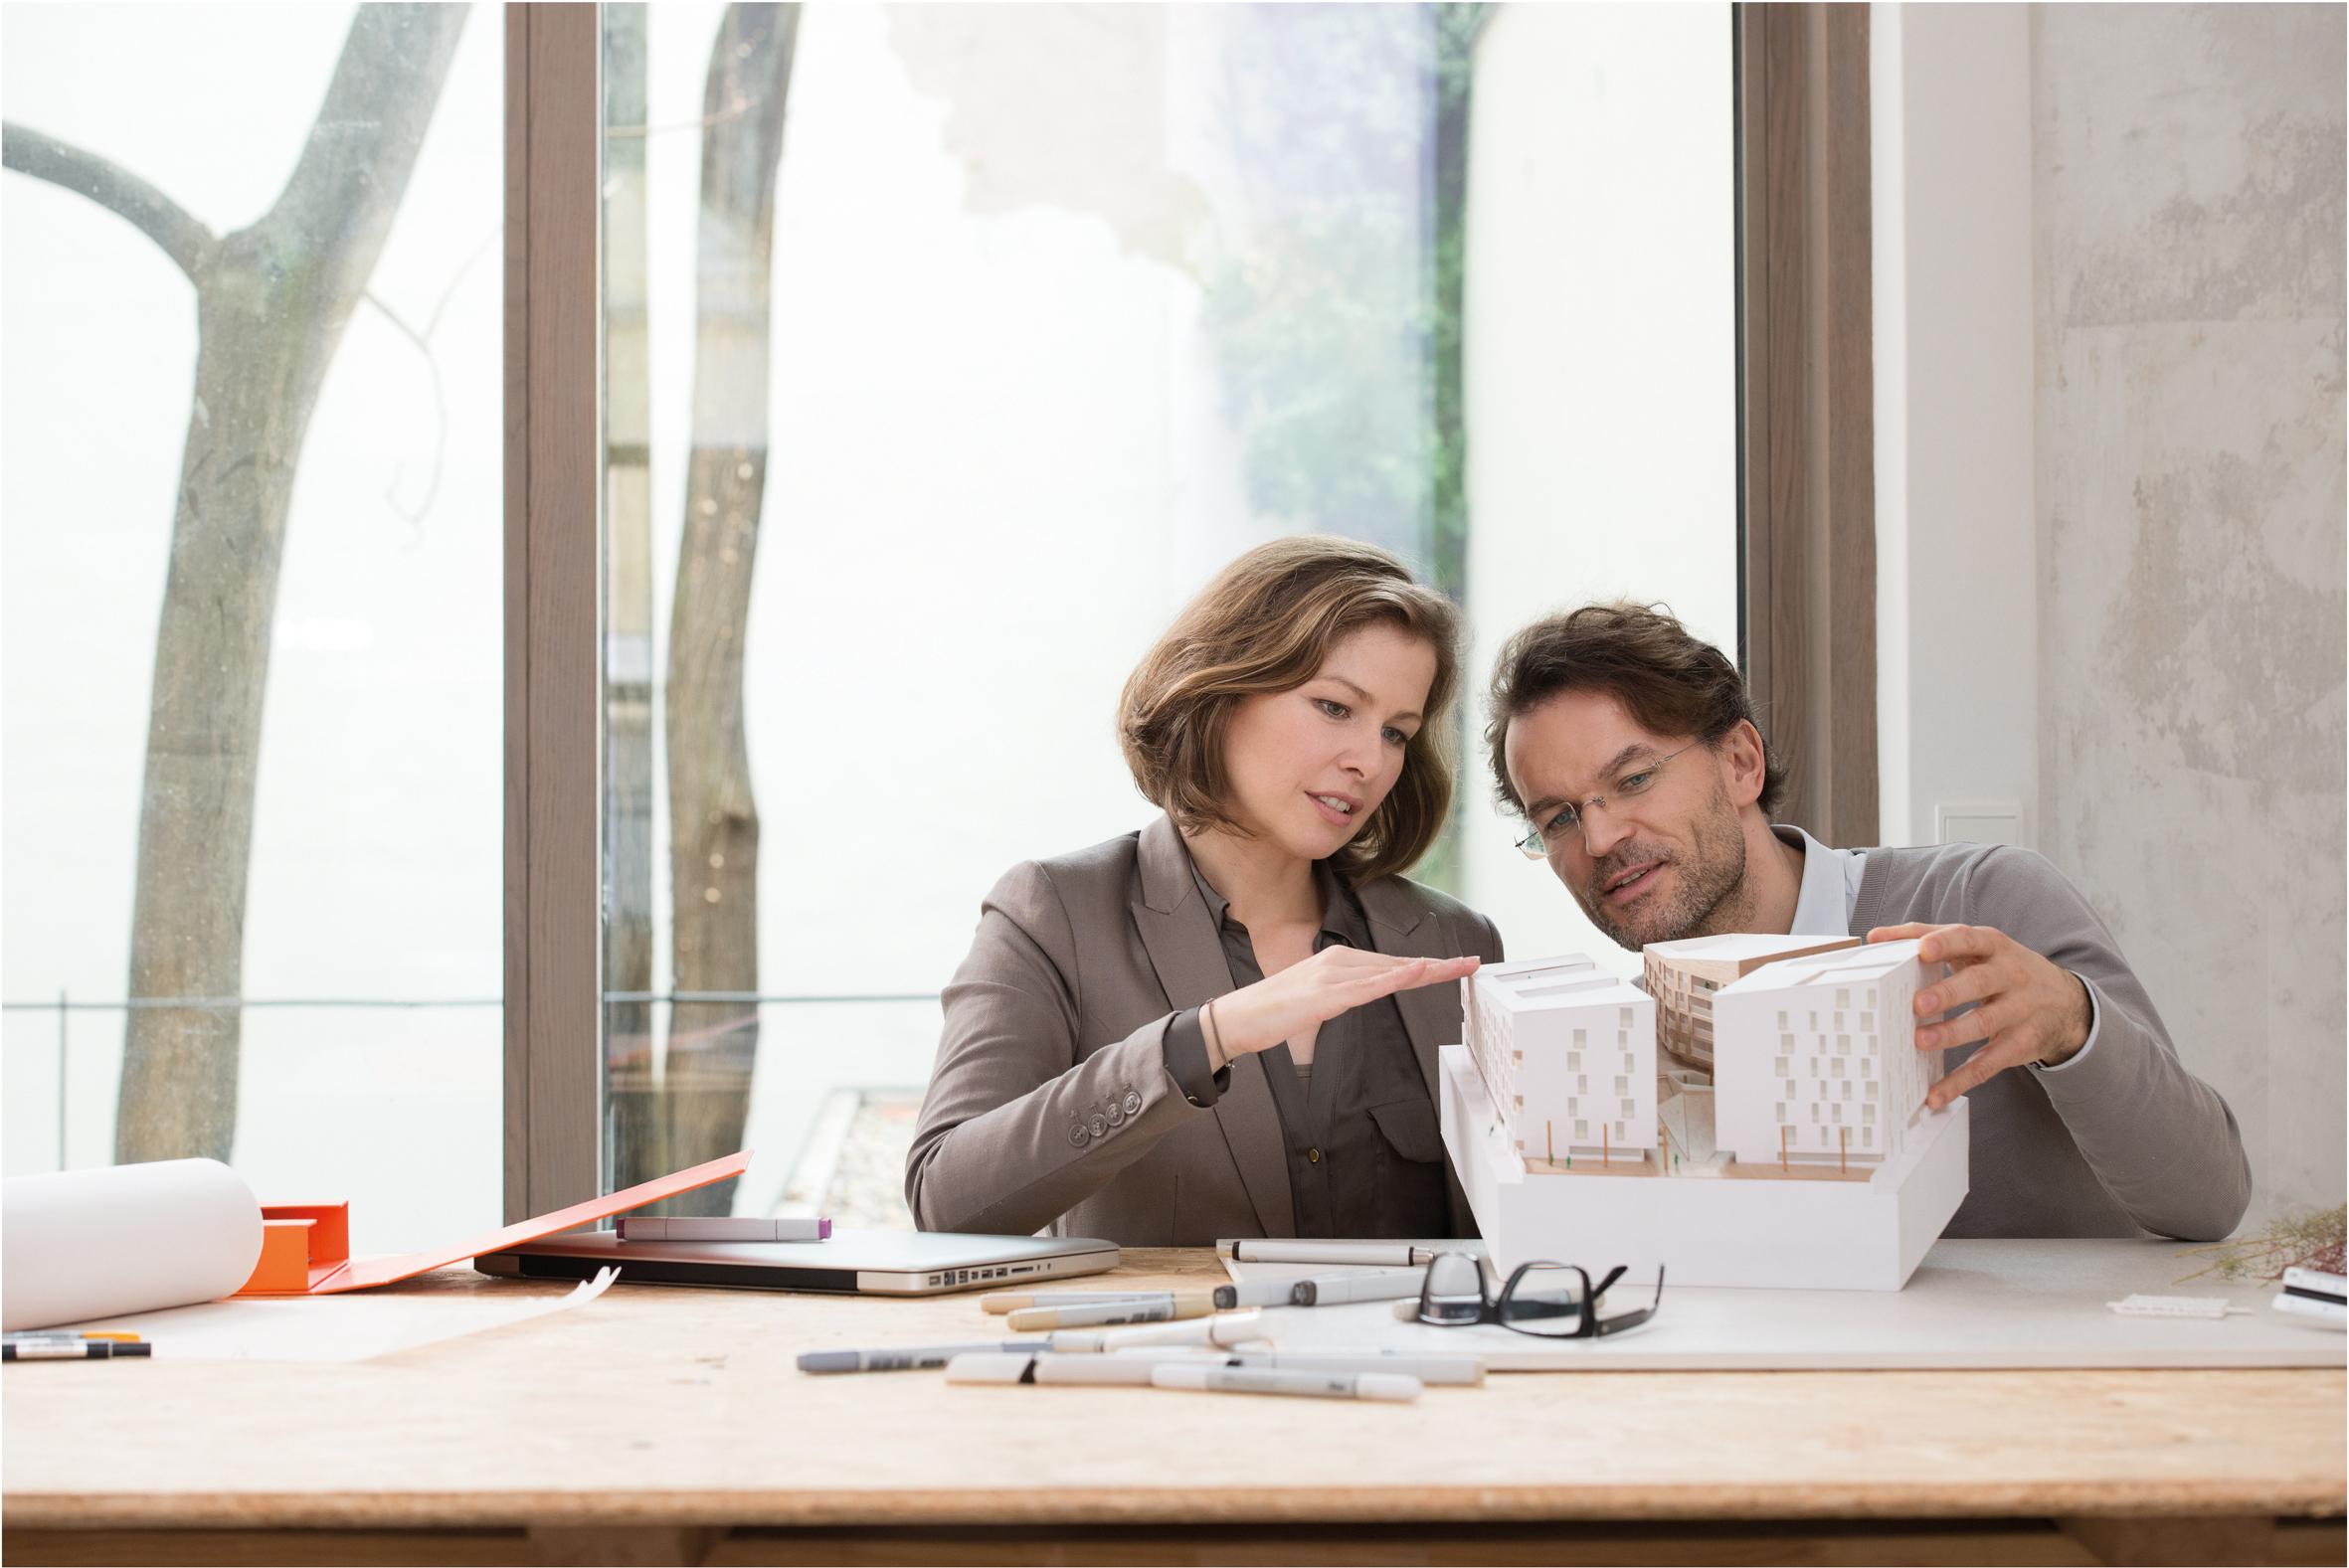 Muškarac i žena sjede za stolom na kojem su prijenosno računalo, olovke, naočale i papiri te drže u ruci maketu